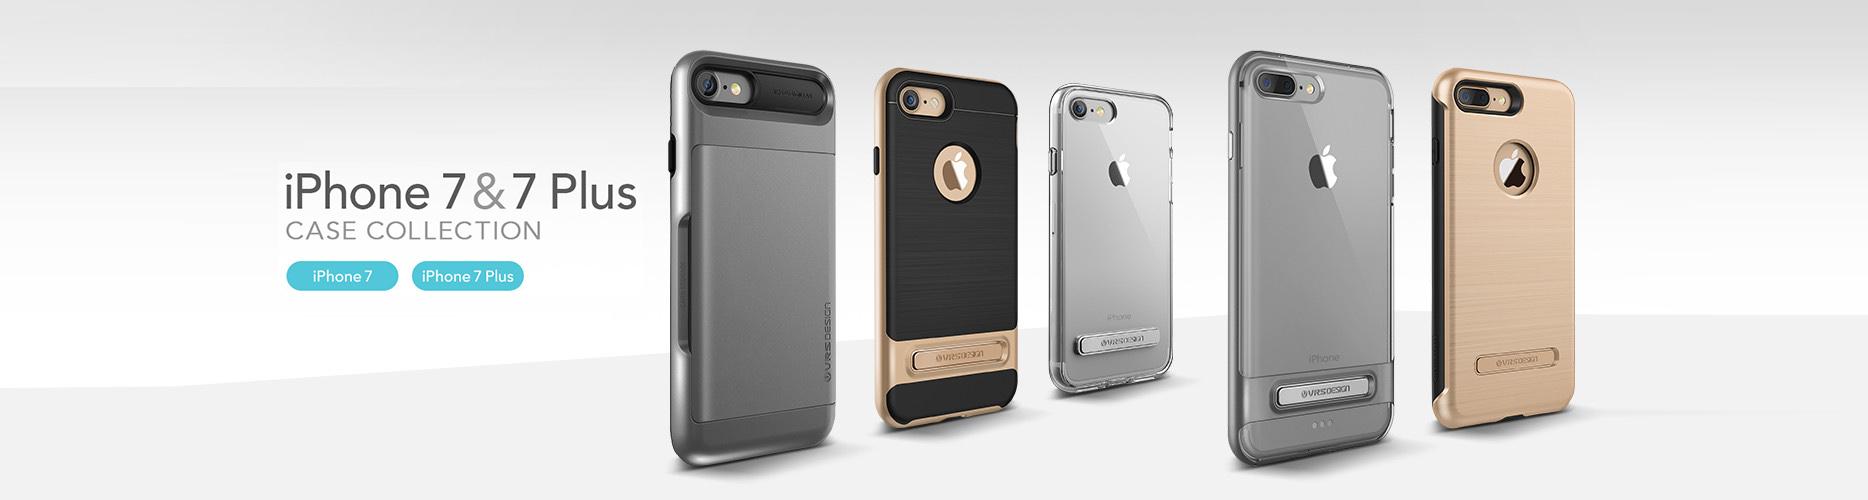 iPhone 7 / Plus